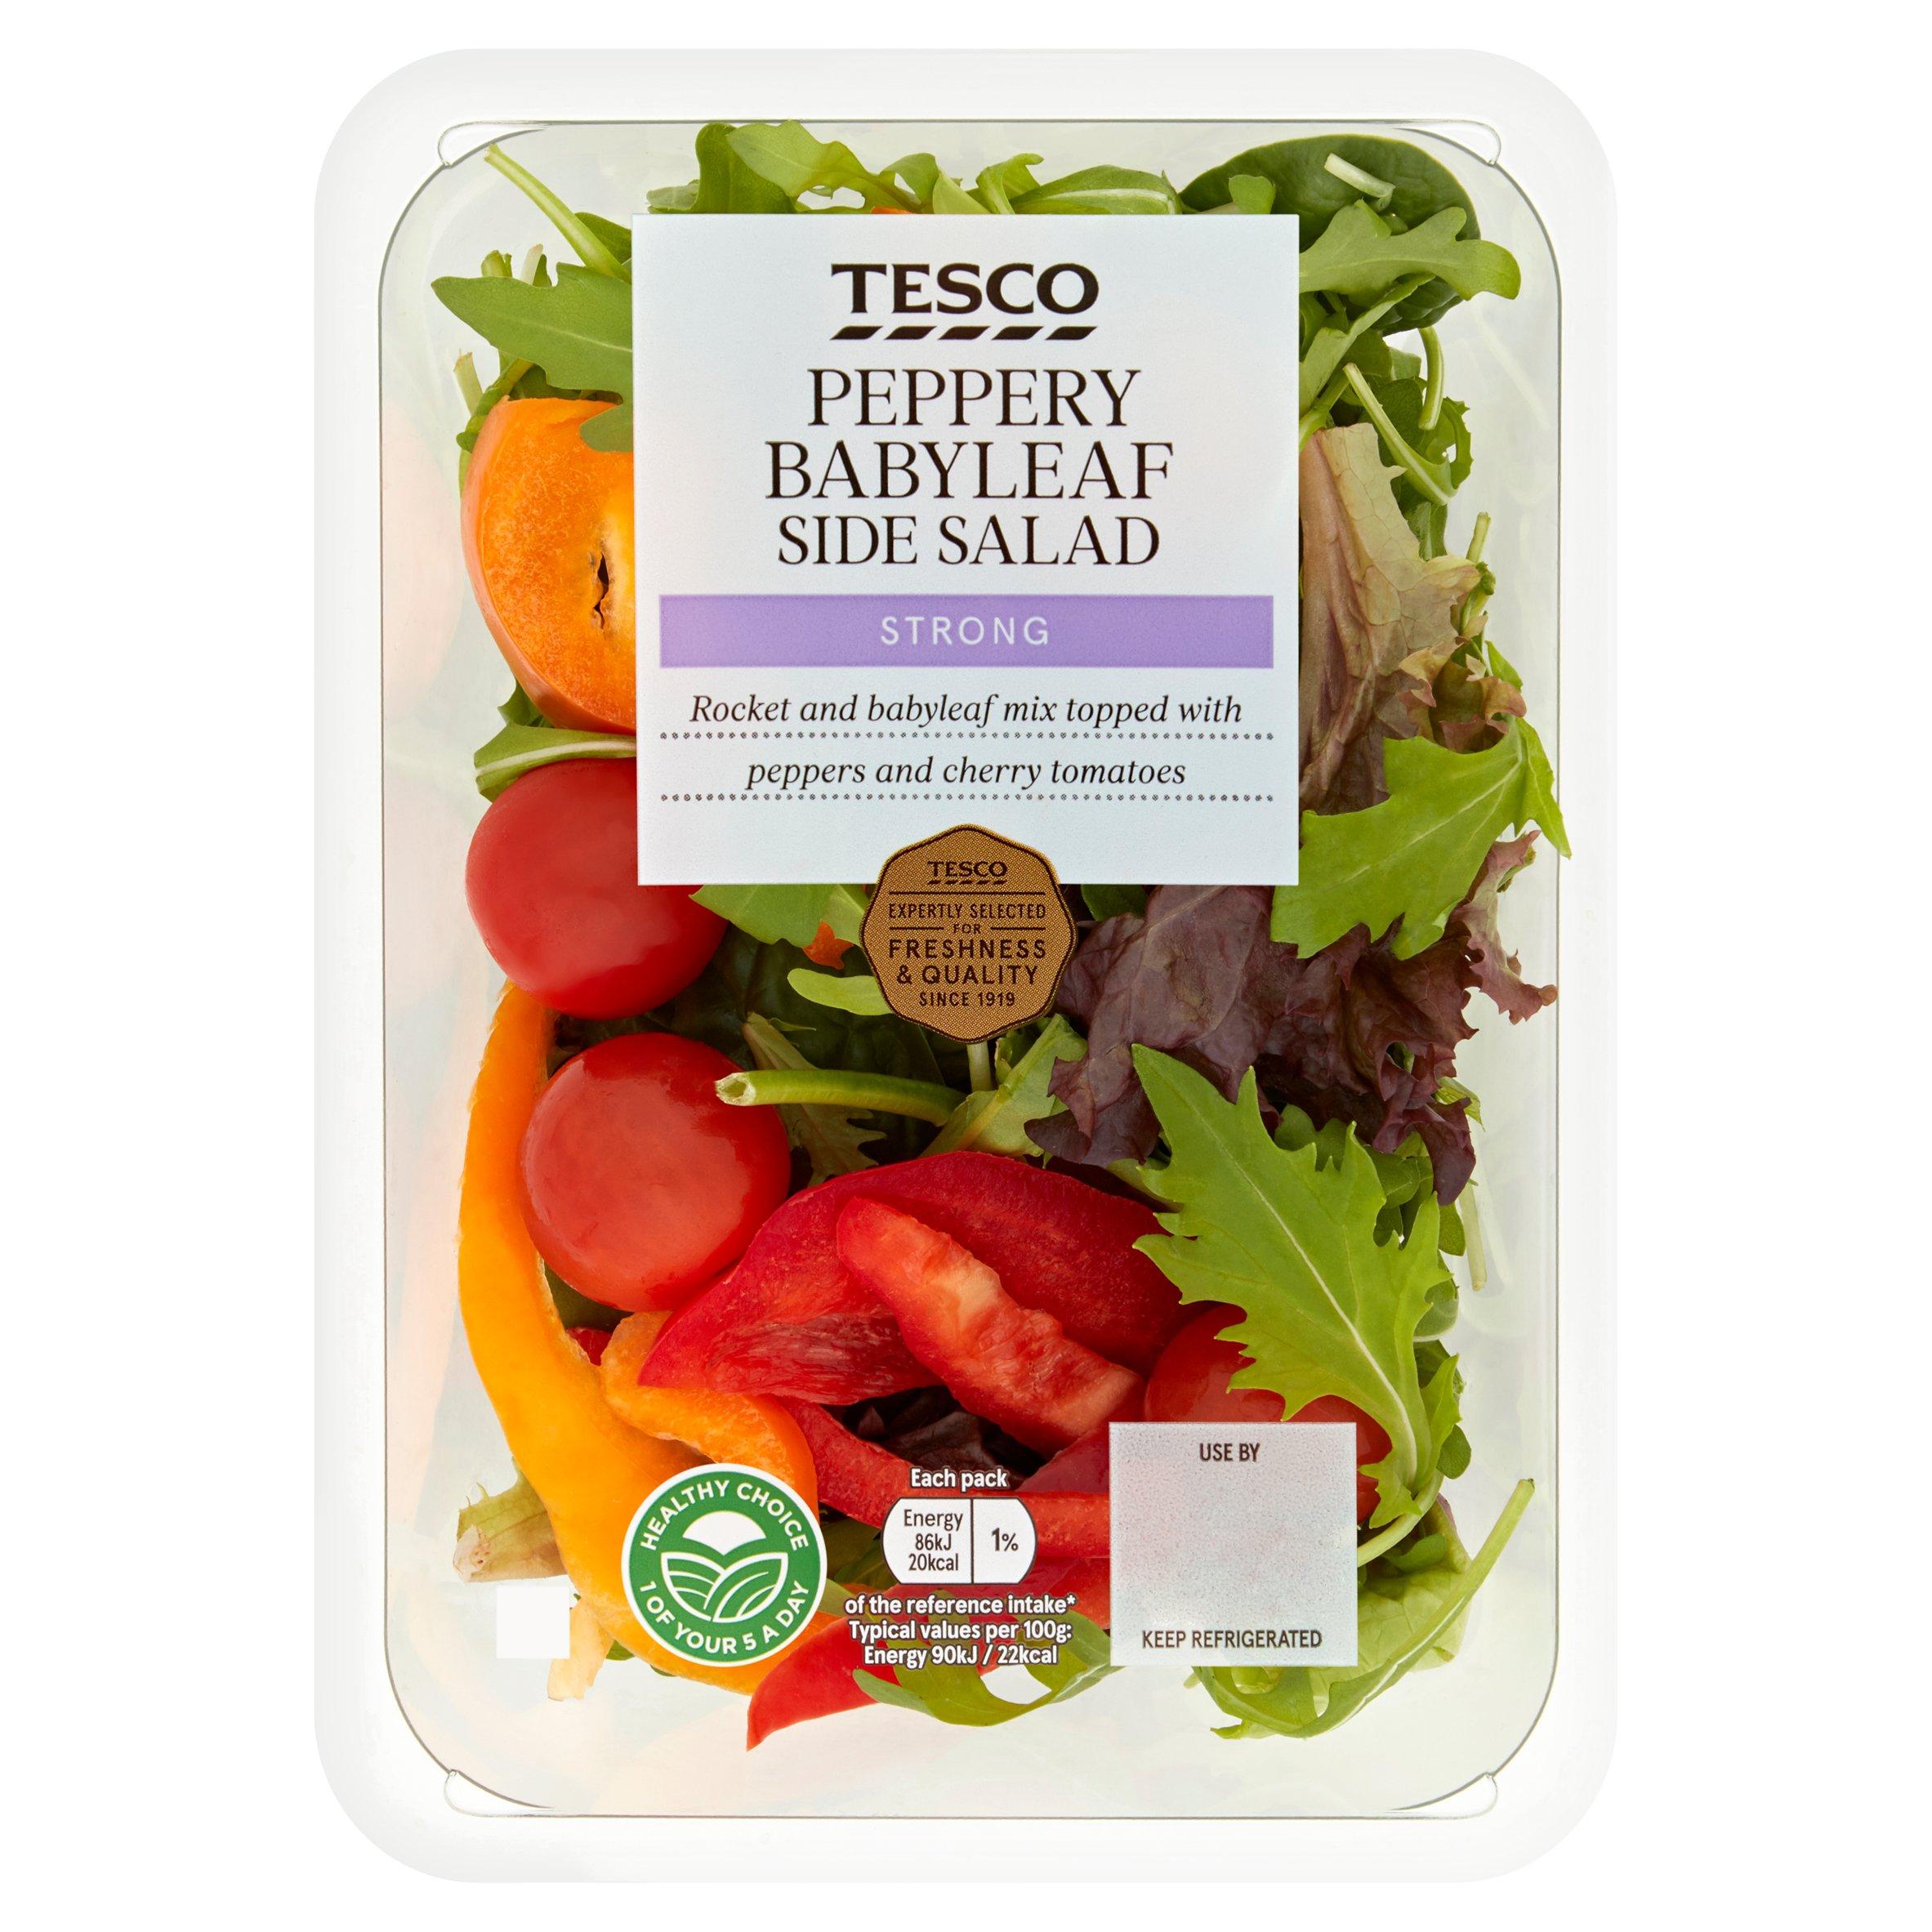 Tesco Peppery Babyleaf Salad Bowl 95G